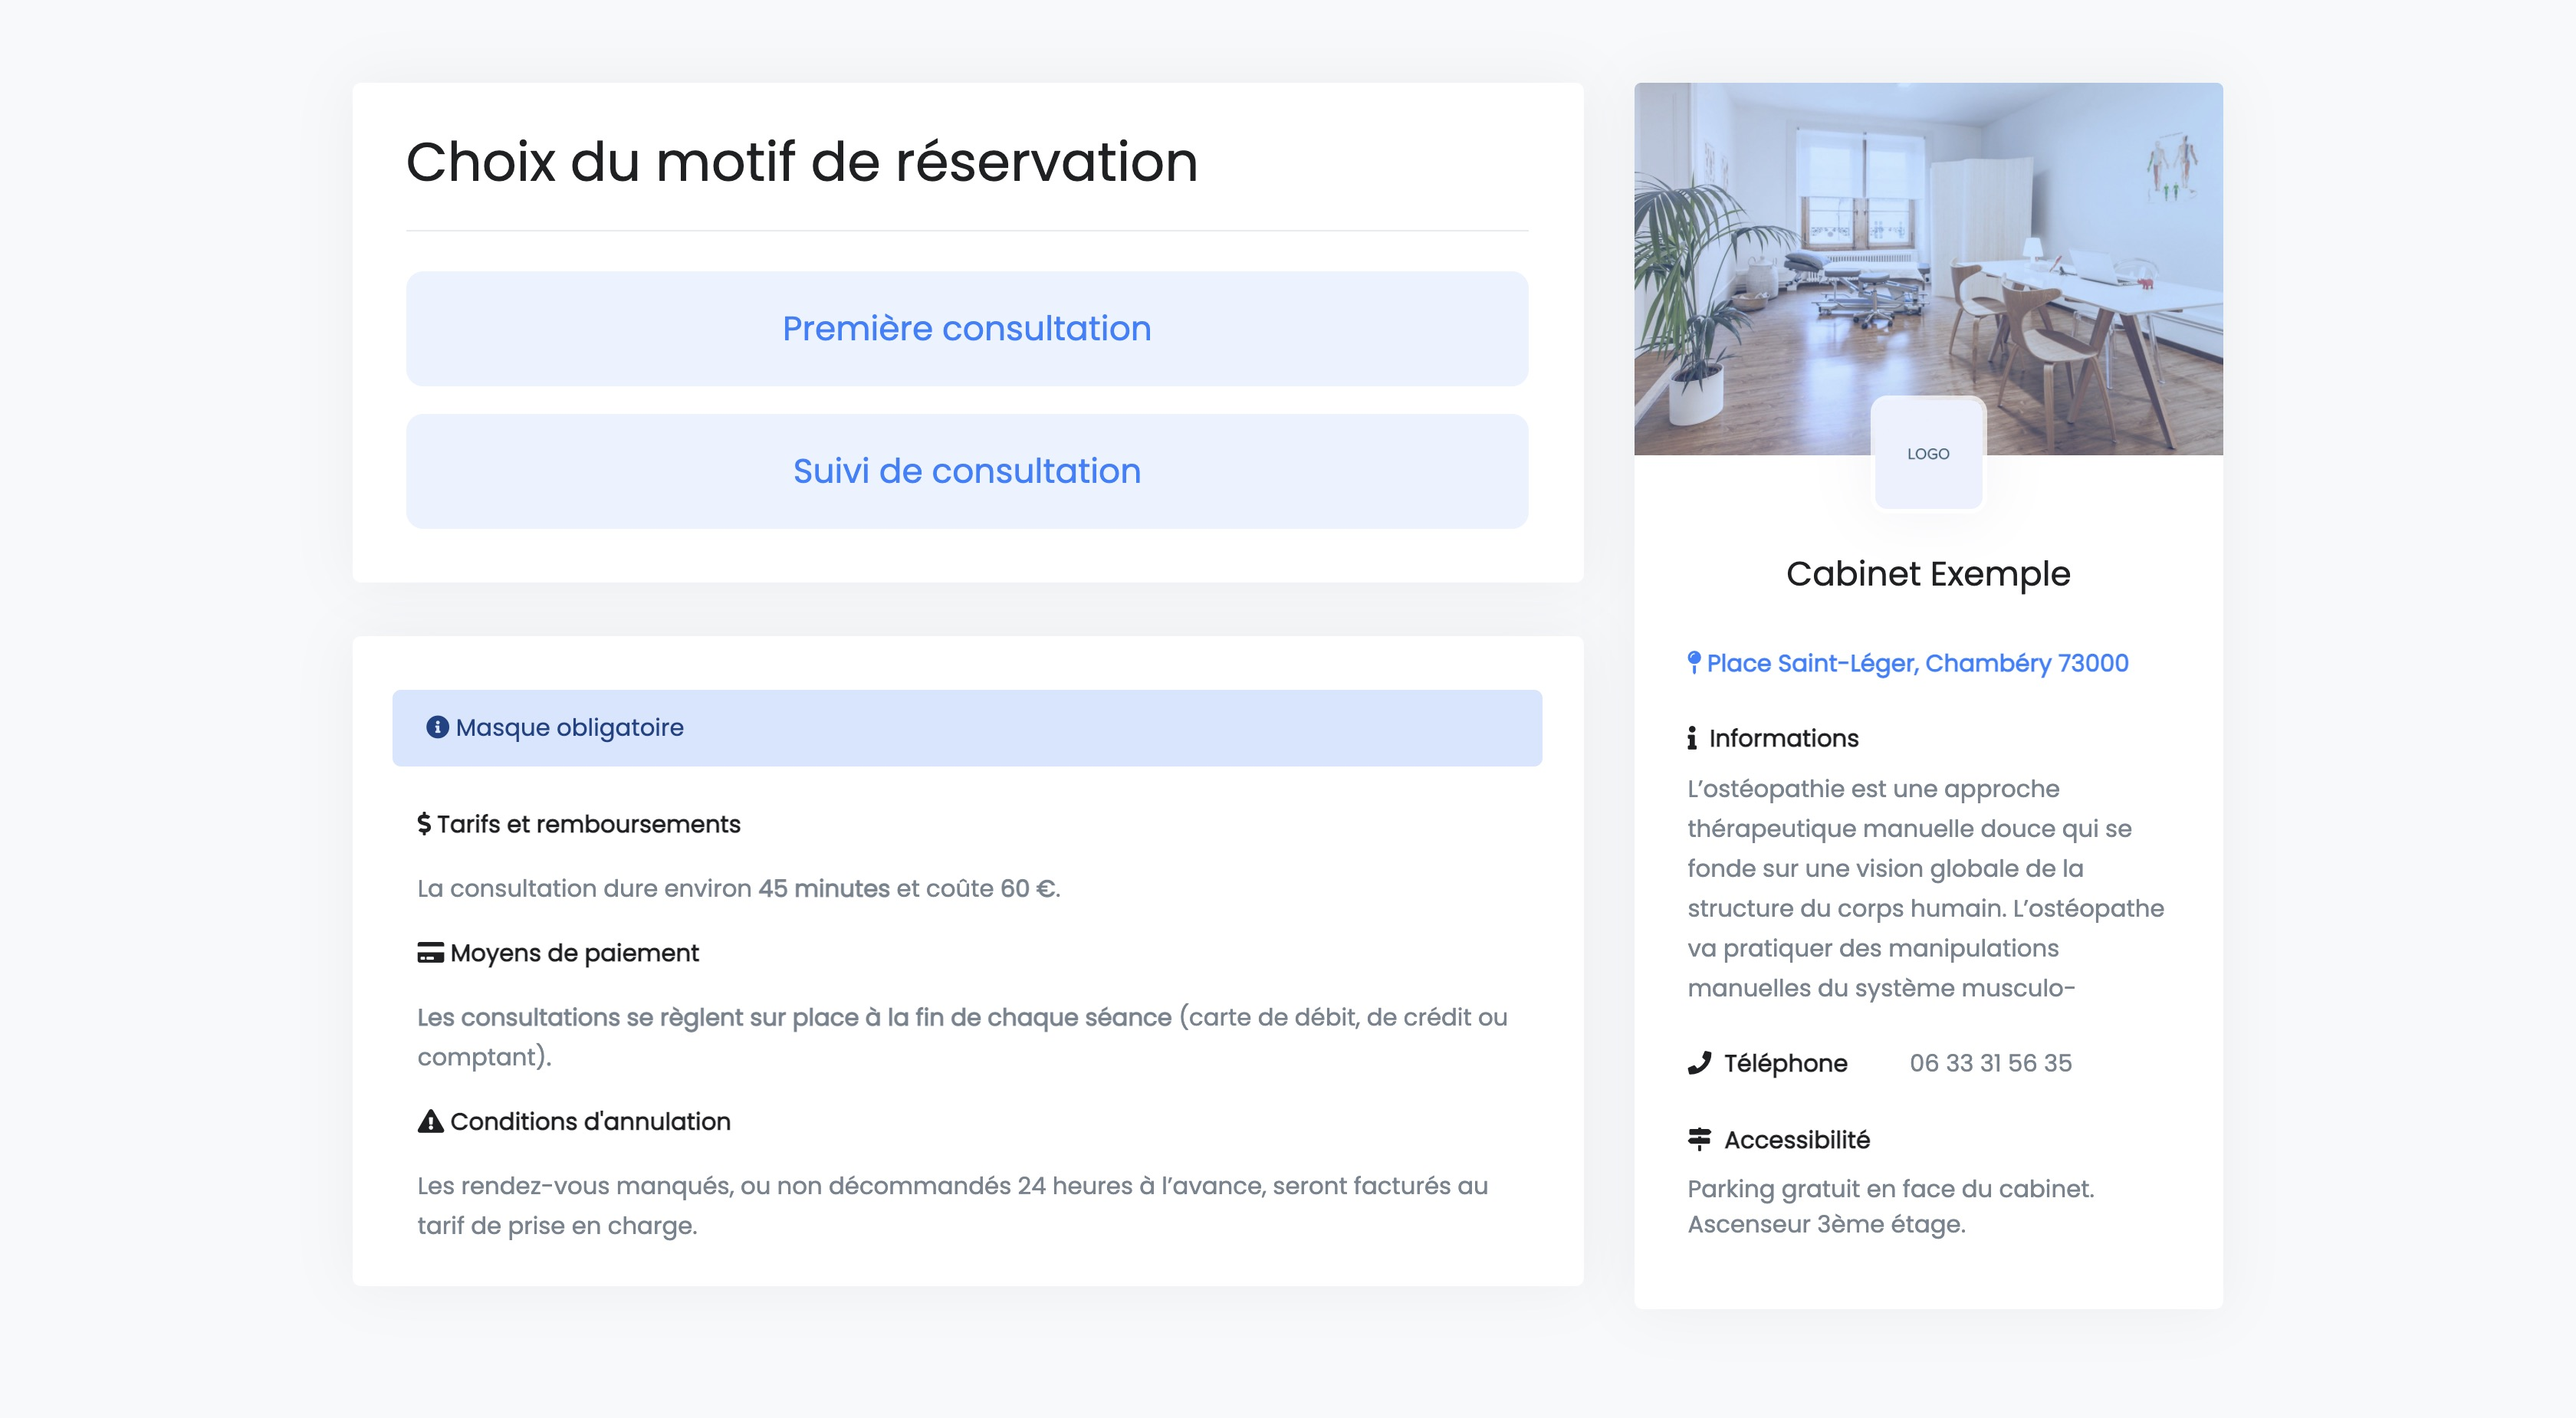 Réservation en ligne | Choix du motif de consultation | PERFACTIVE